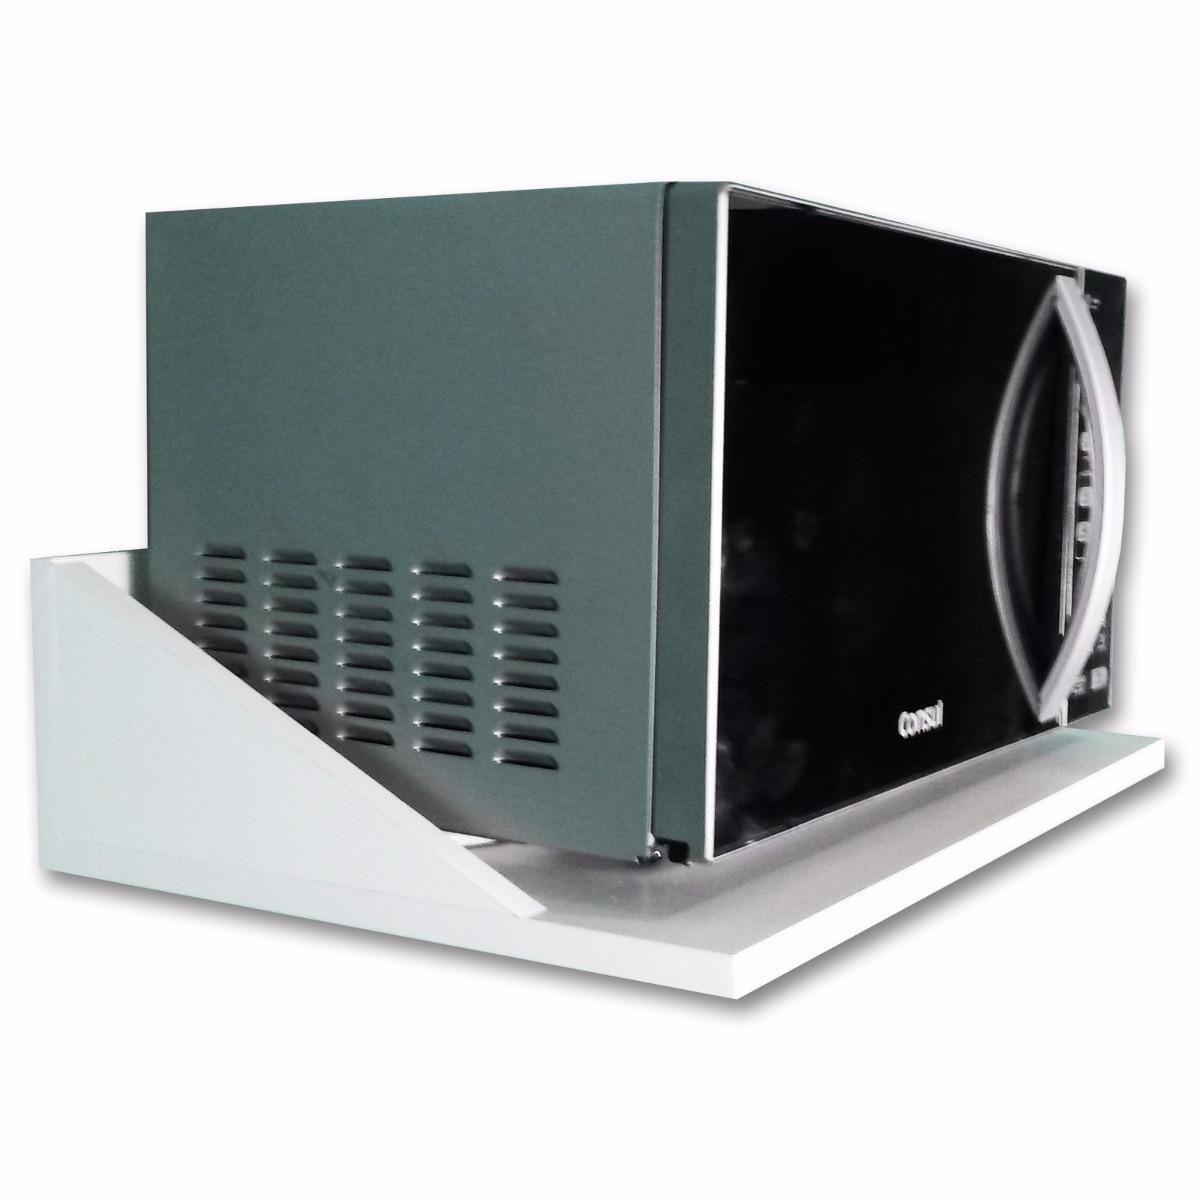 Suporte para microondas e forno eletrico r 49 00 em - Estante para microondas ...